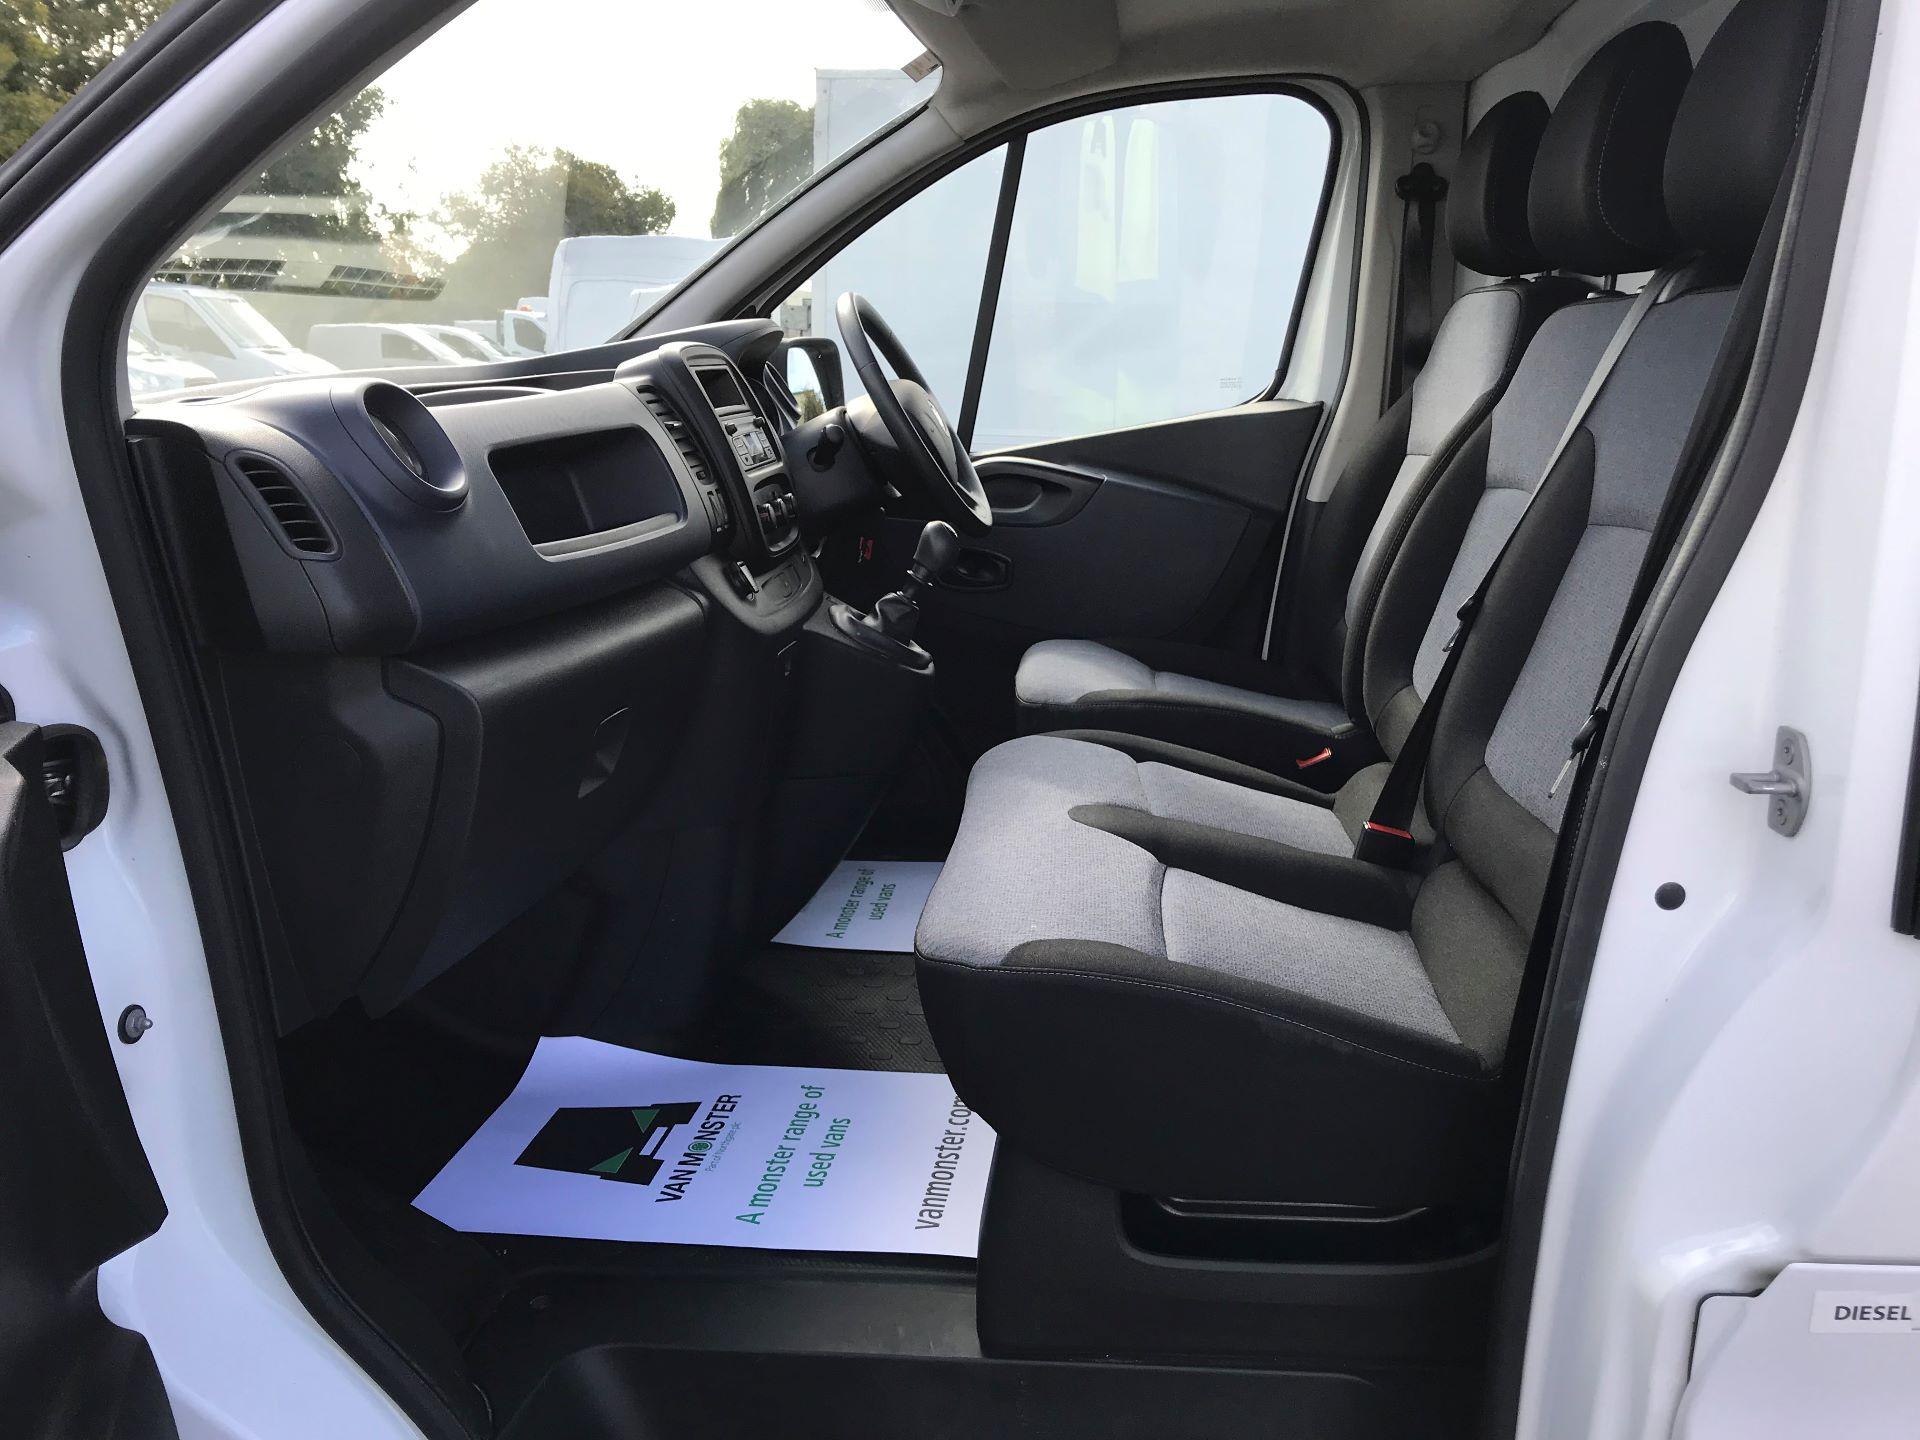 2017 Vauxhall Vivaro L2 H1 2900 1.6CDTI 120PS EURO 6 (DV67LXX) Image 14